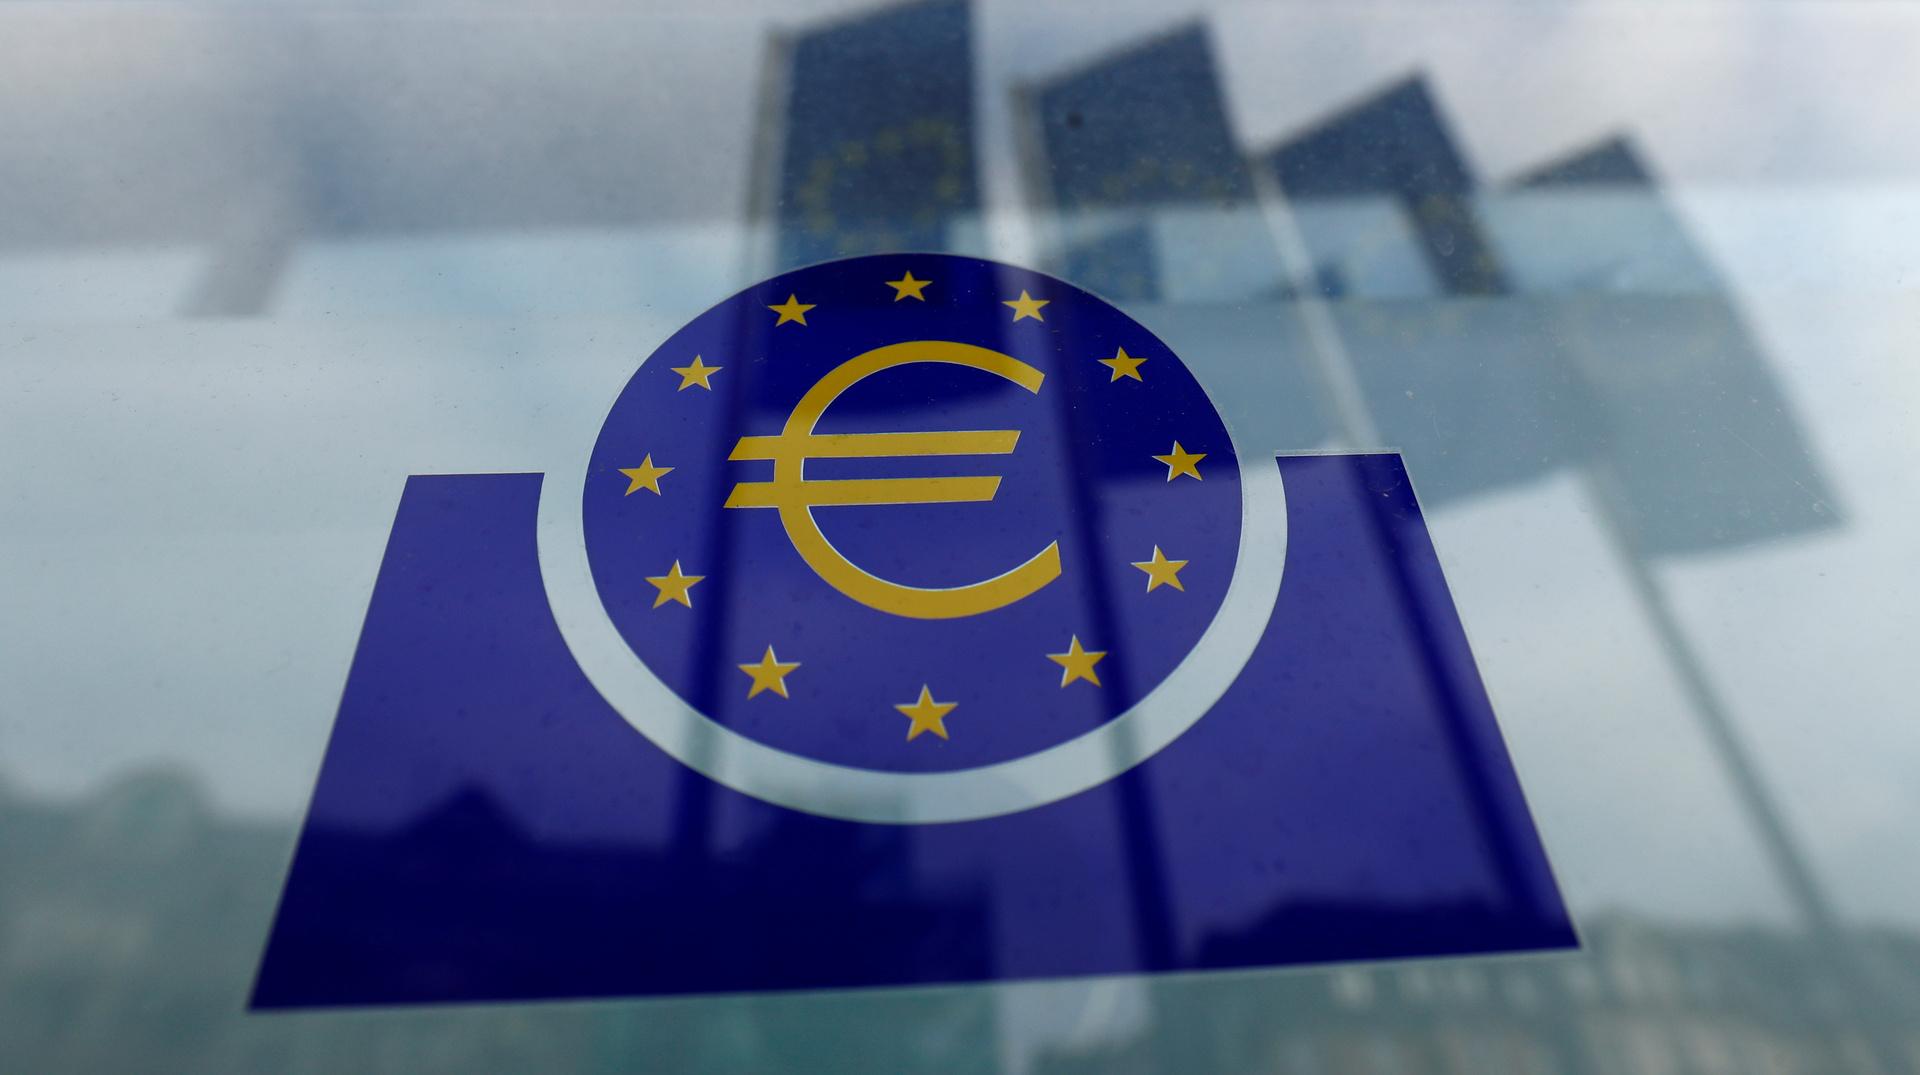 المركزي الأوروبي يطلق برنامجا بـ750 مليار يورو لدعم الاقتصاد